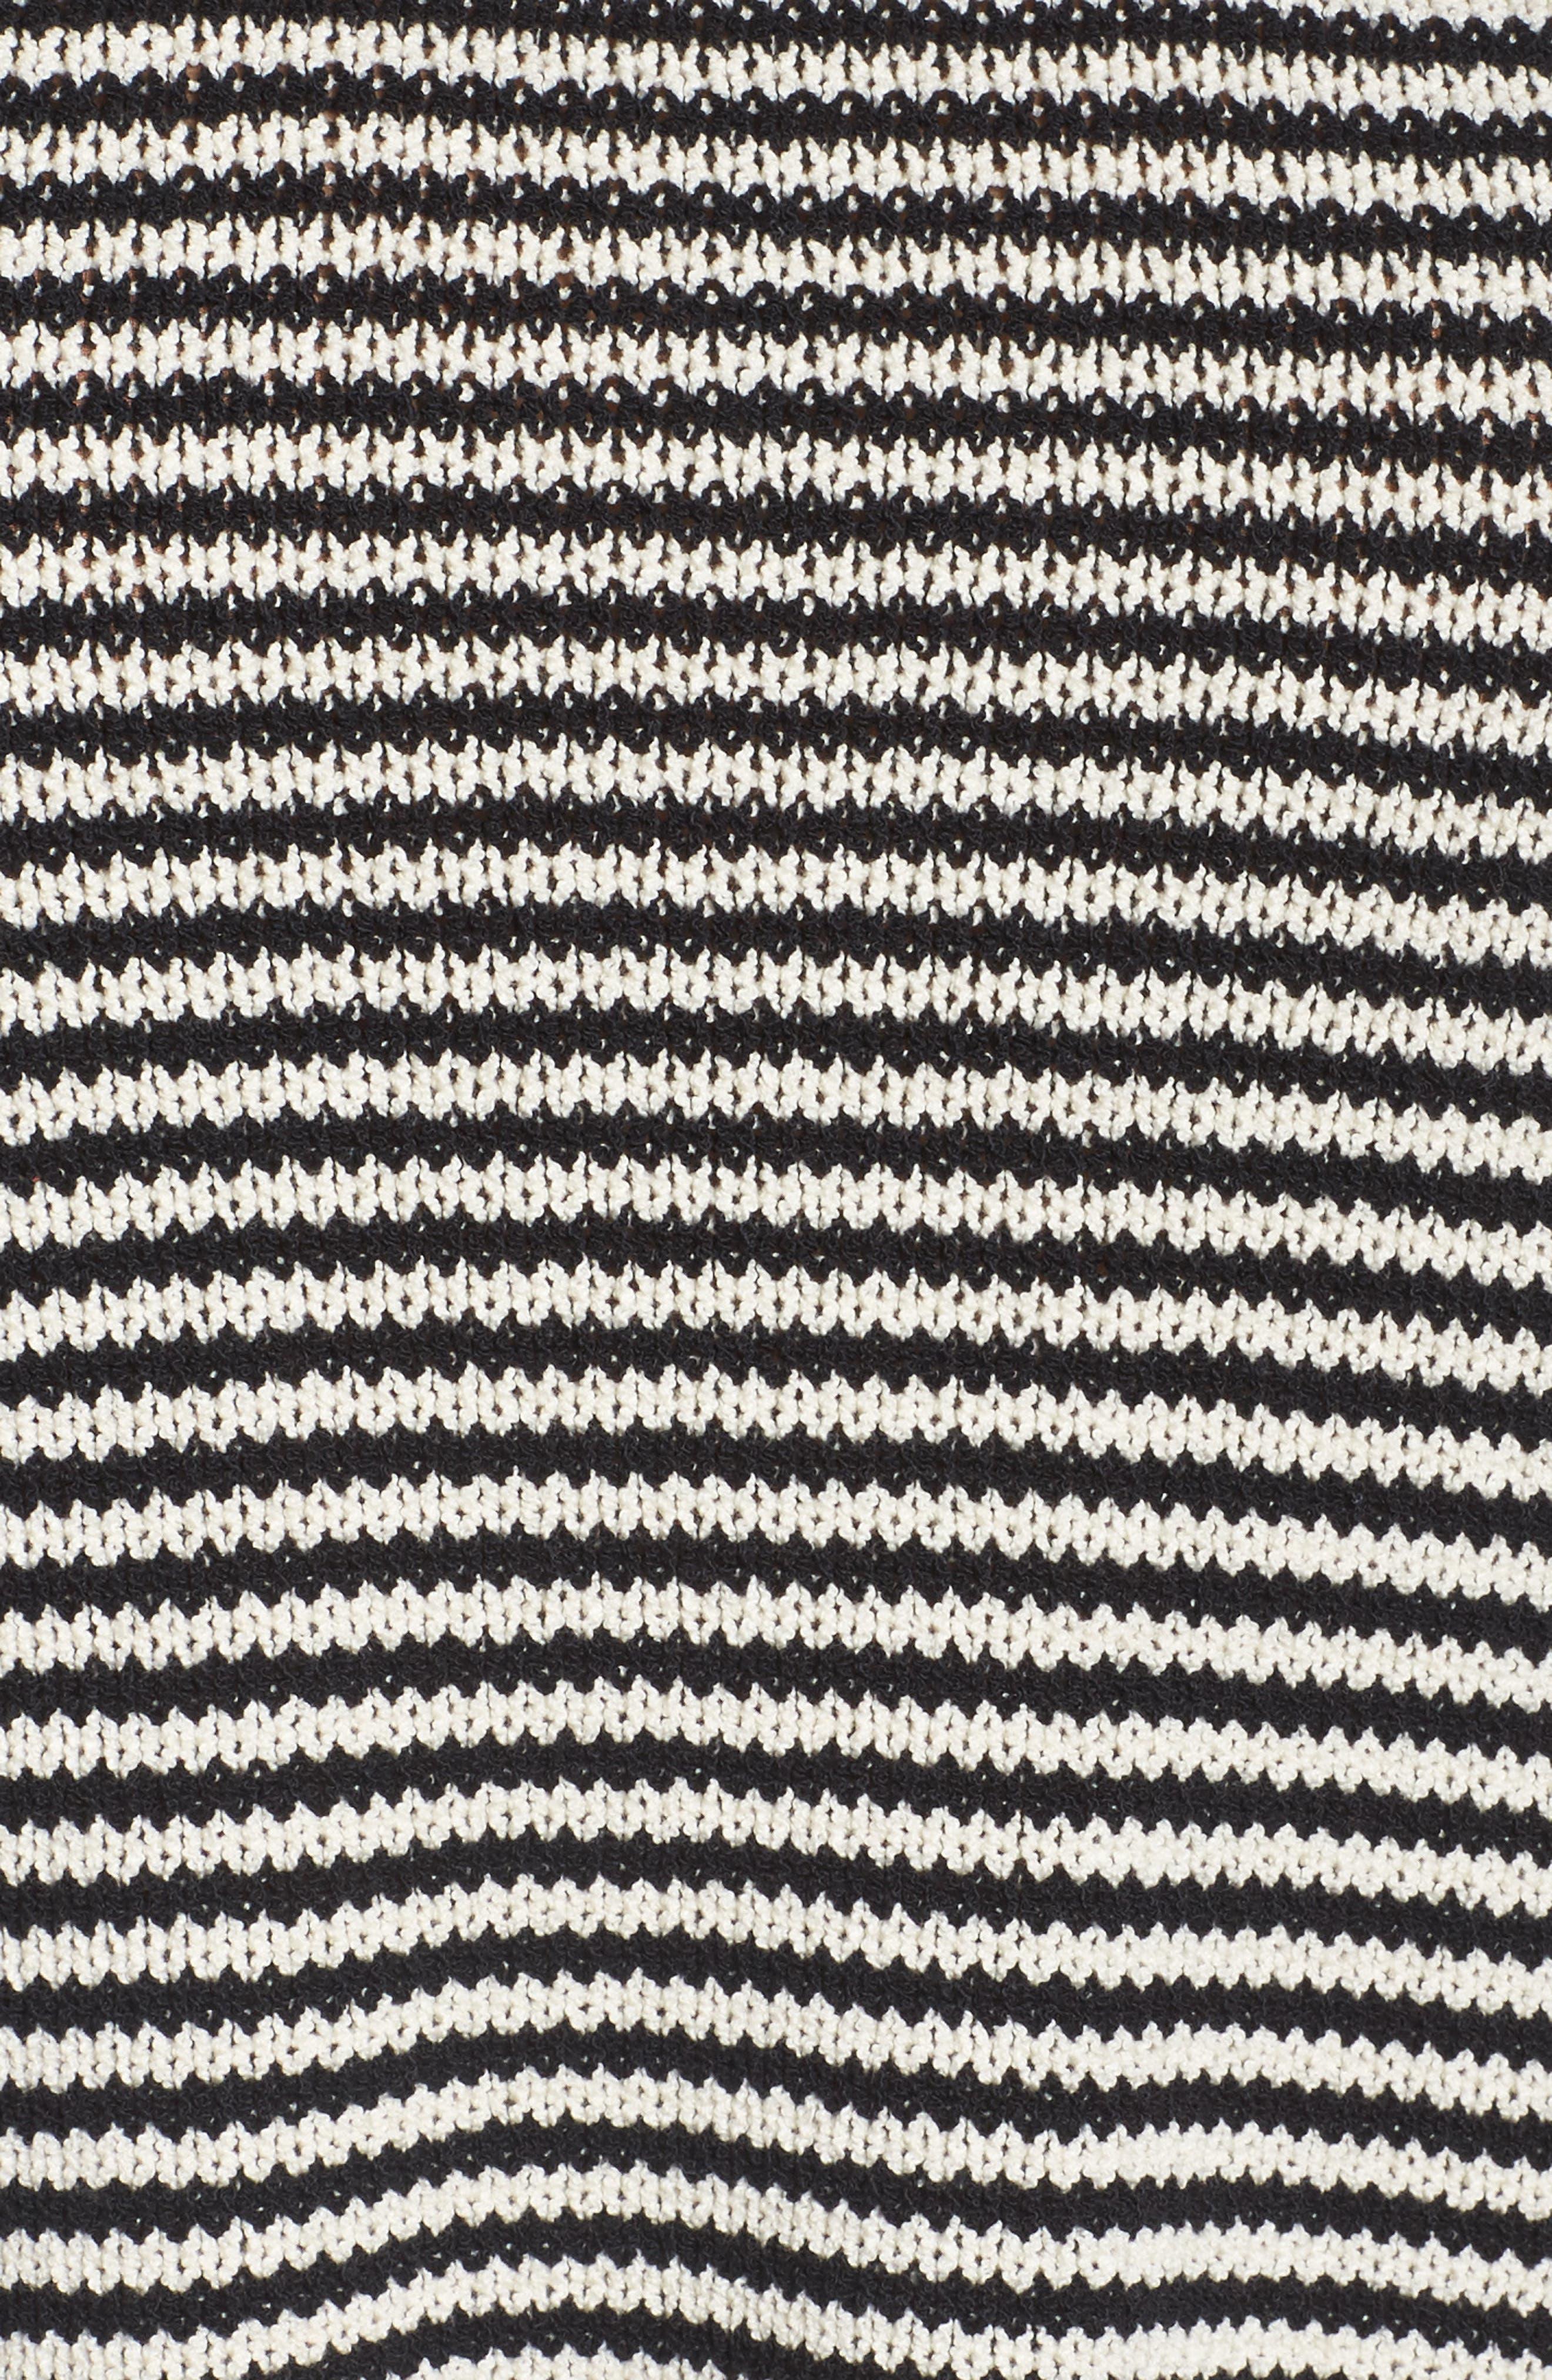 Stripe Cotton Blend Knit Top,                             Alternate thumbnail 5, color,                             001